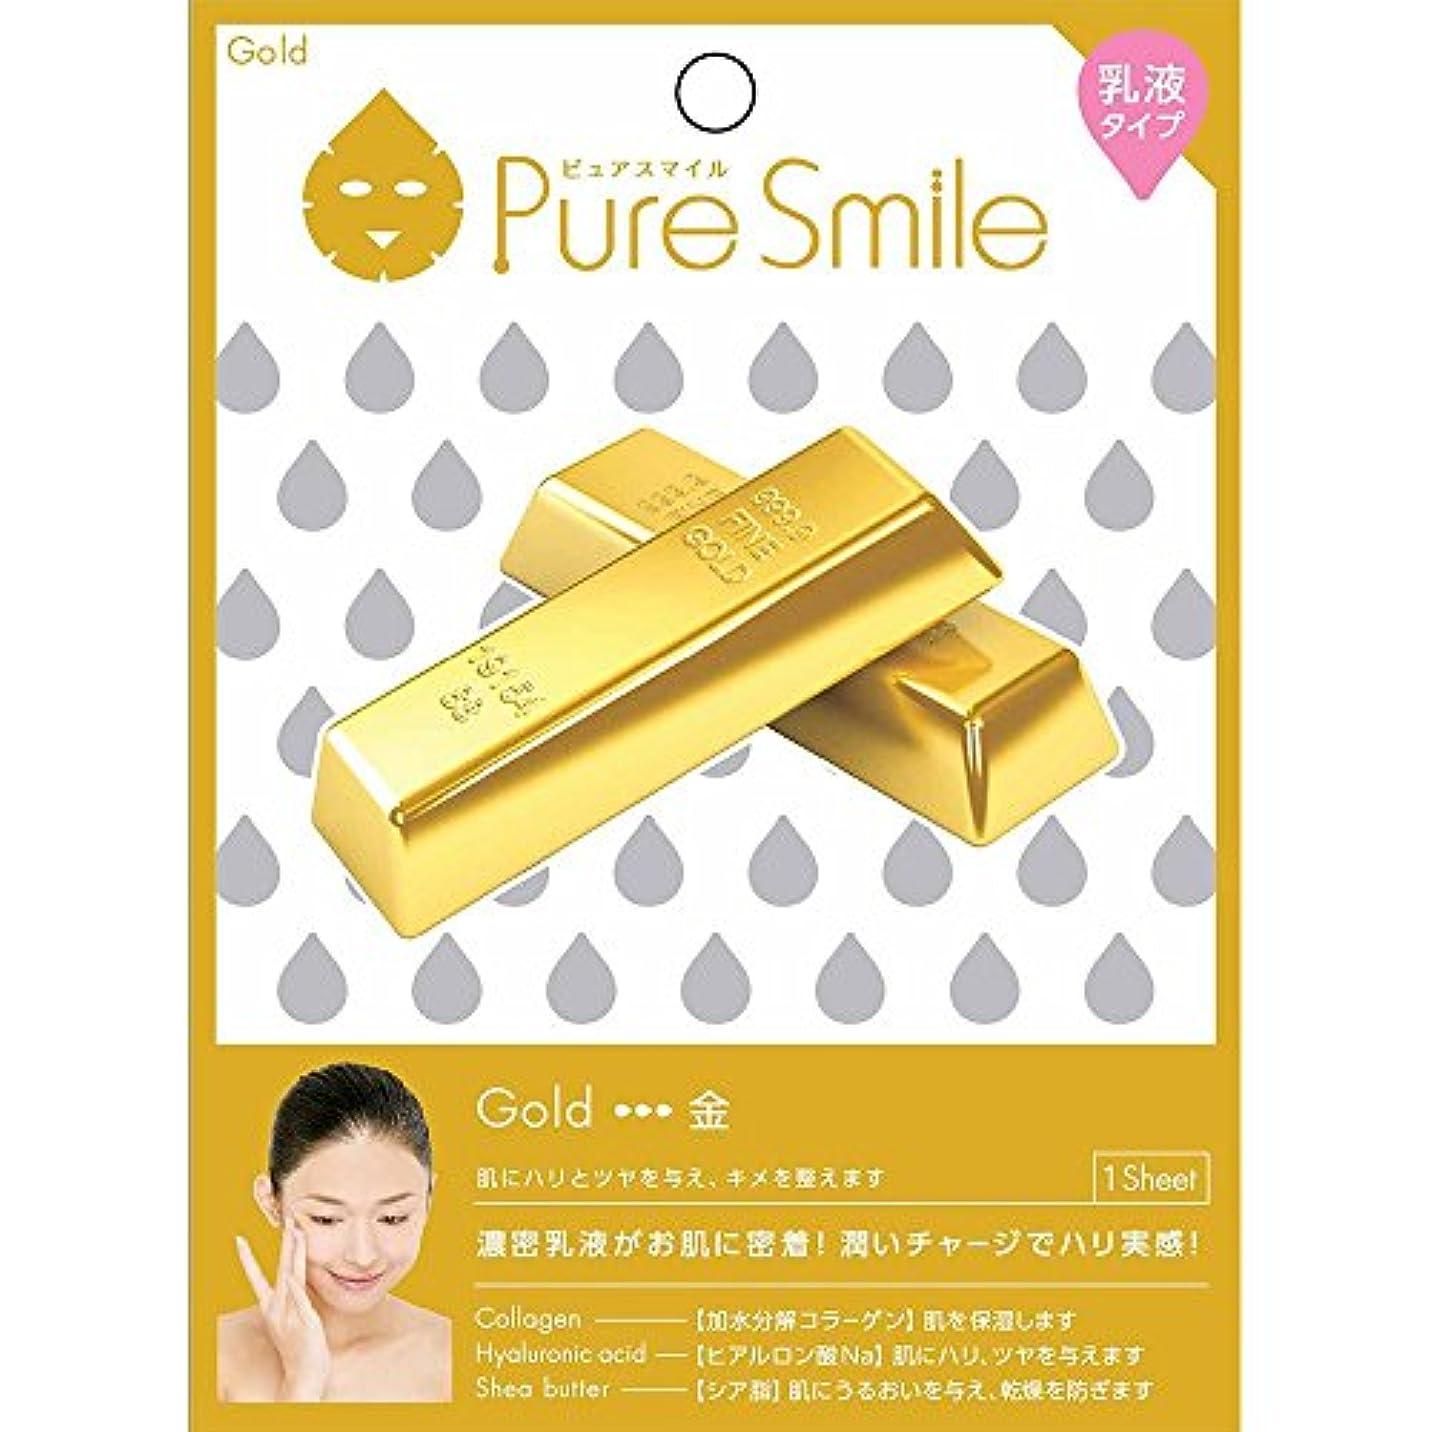 アラバマ東インサートPure Smile(ピュアスマイル) 乳液エッセンスマスク 1 枚 金